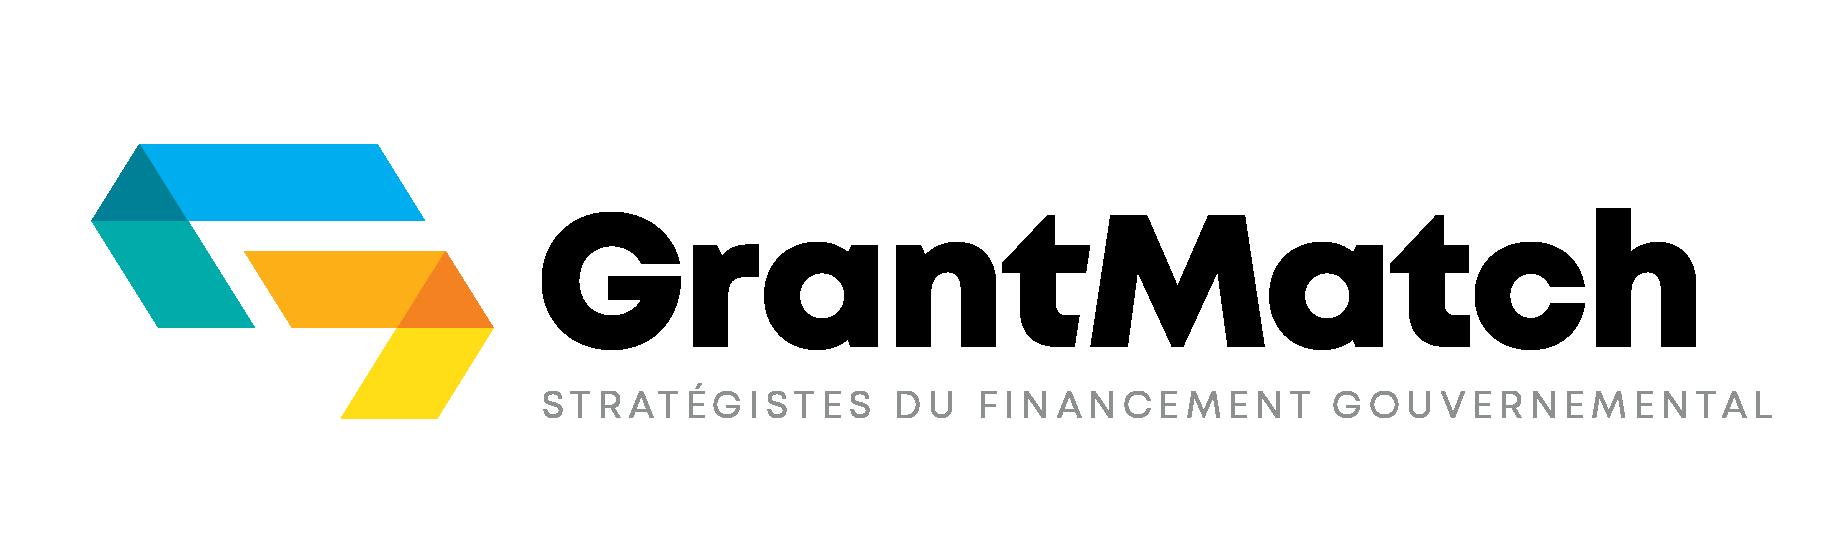 grantmatchlogo